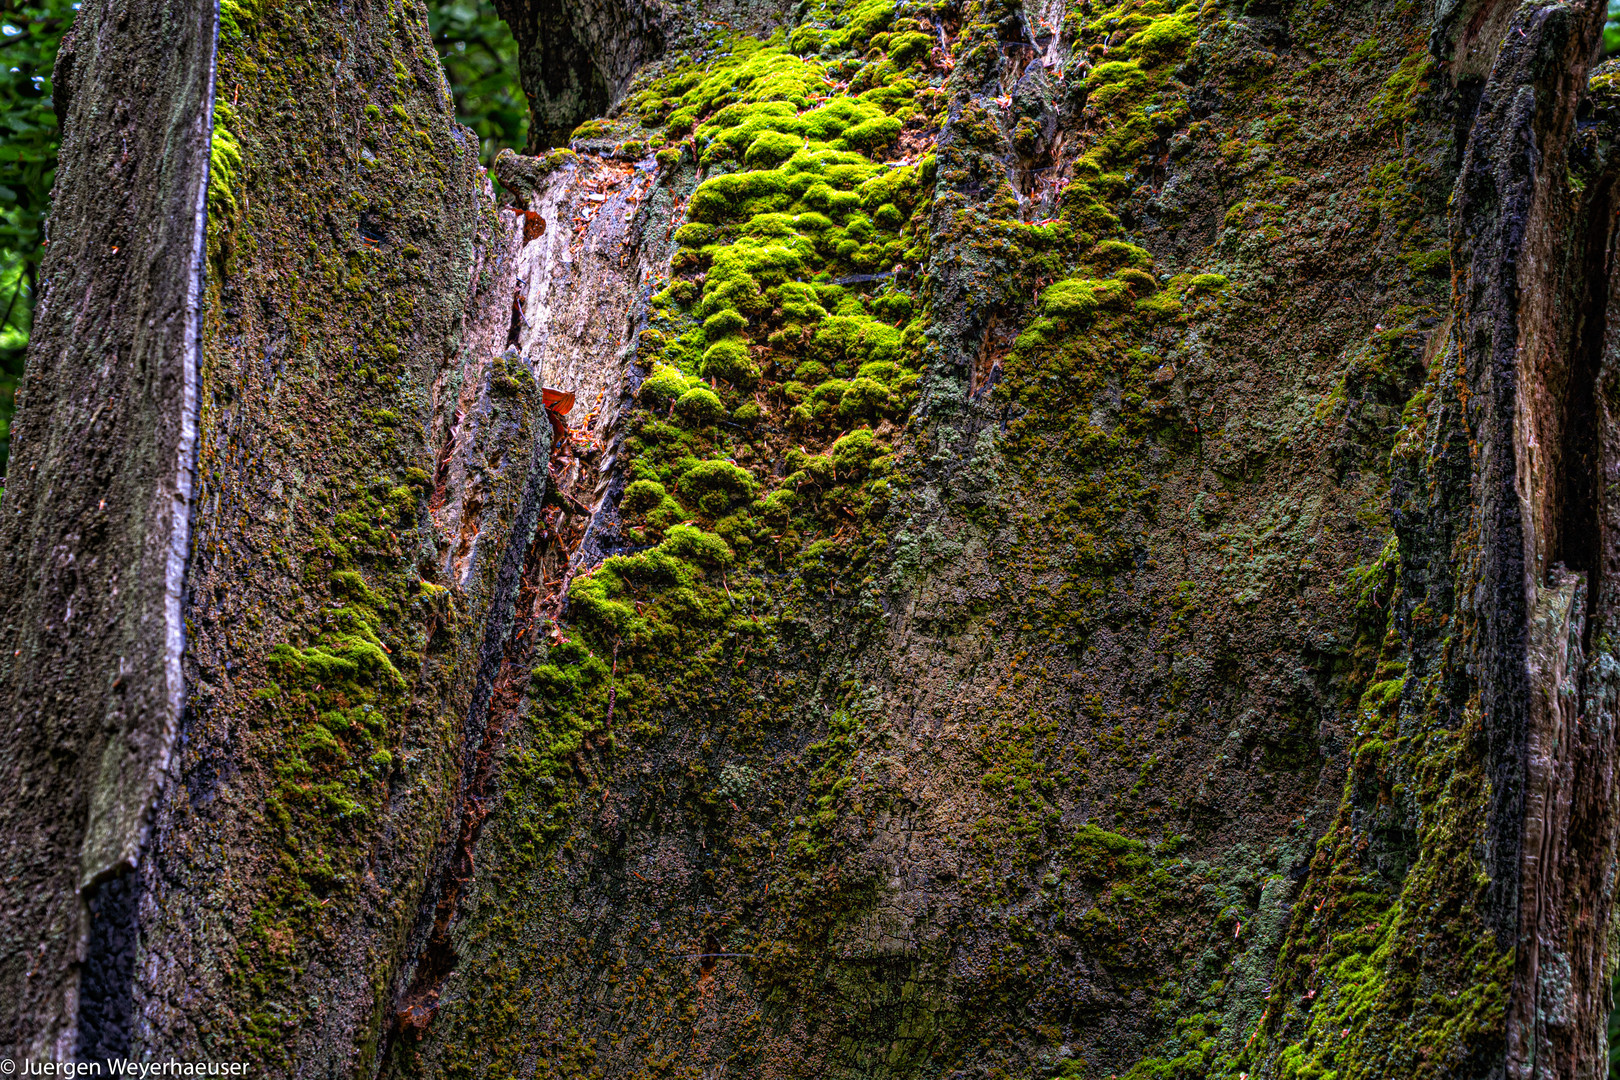 urwald sababurg  stamm in auflösung foto  bild